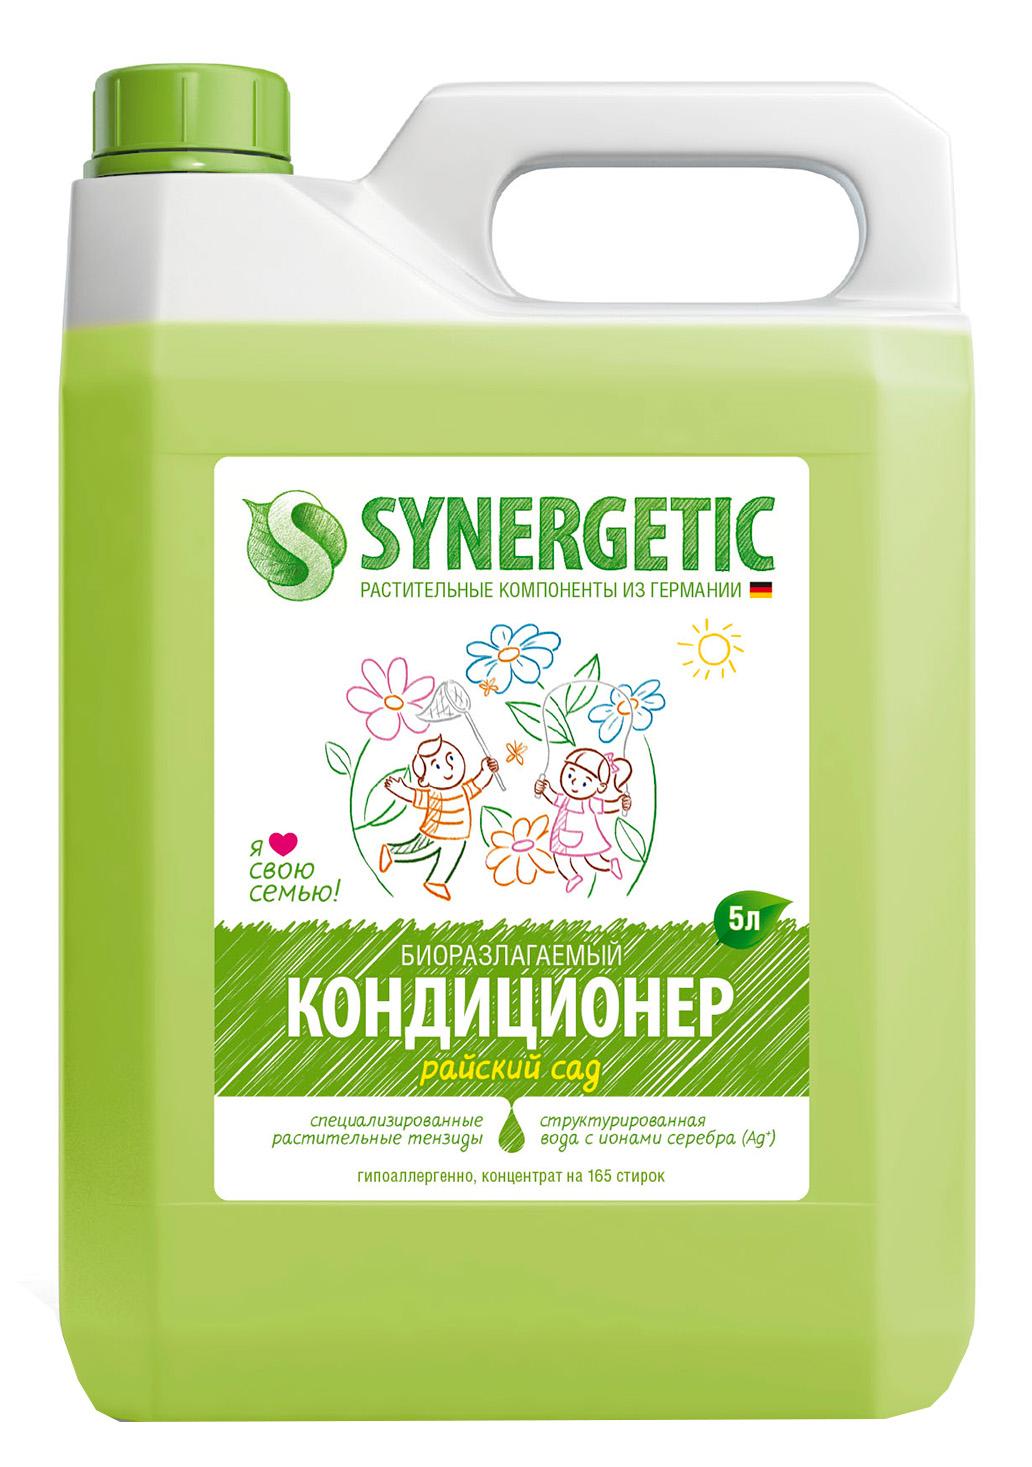 Бытовая химия Synergetic Райский сад цена